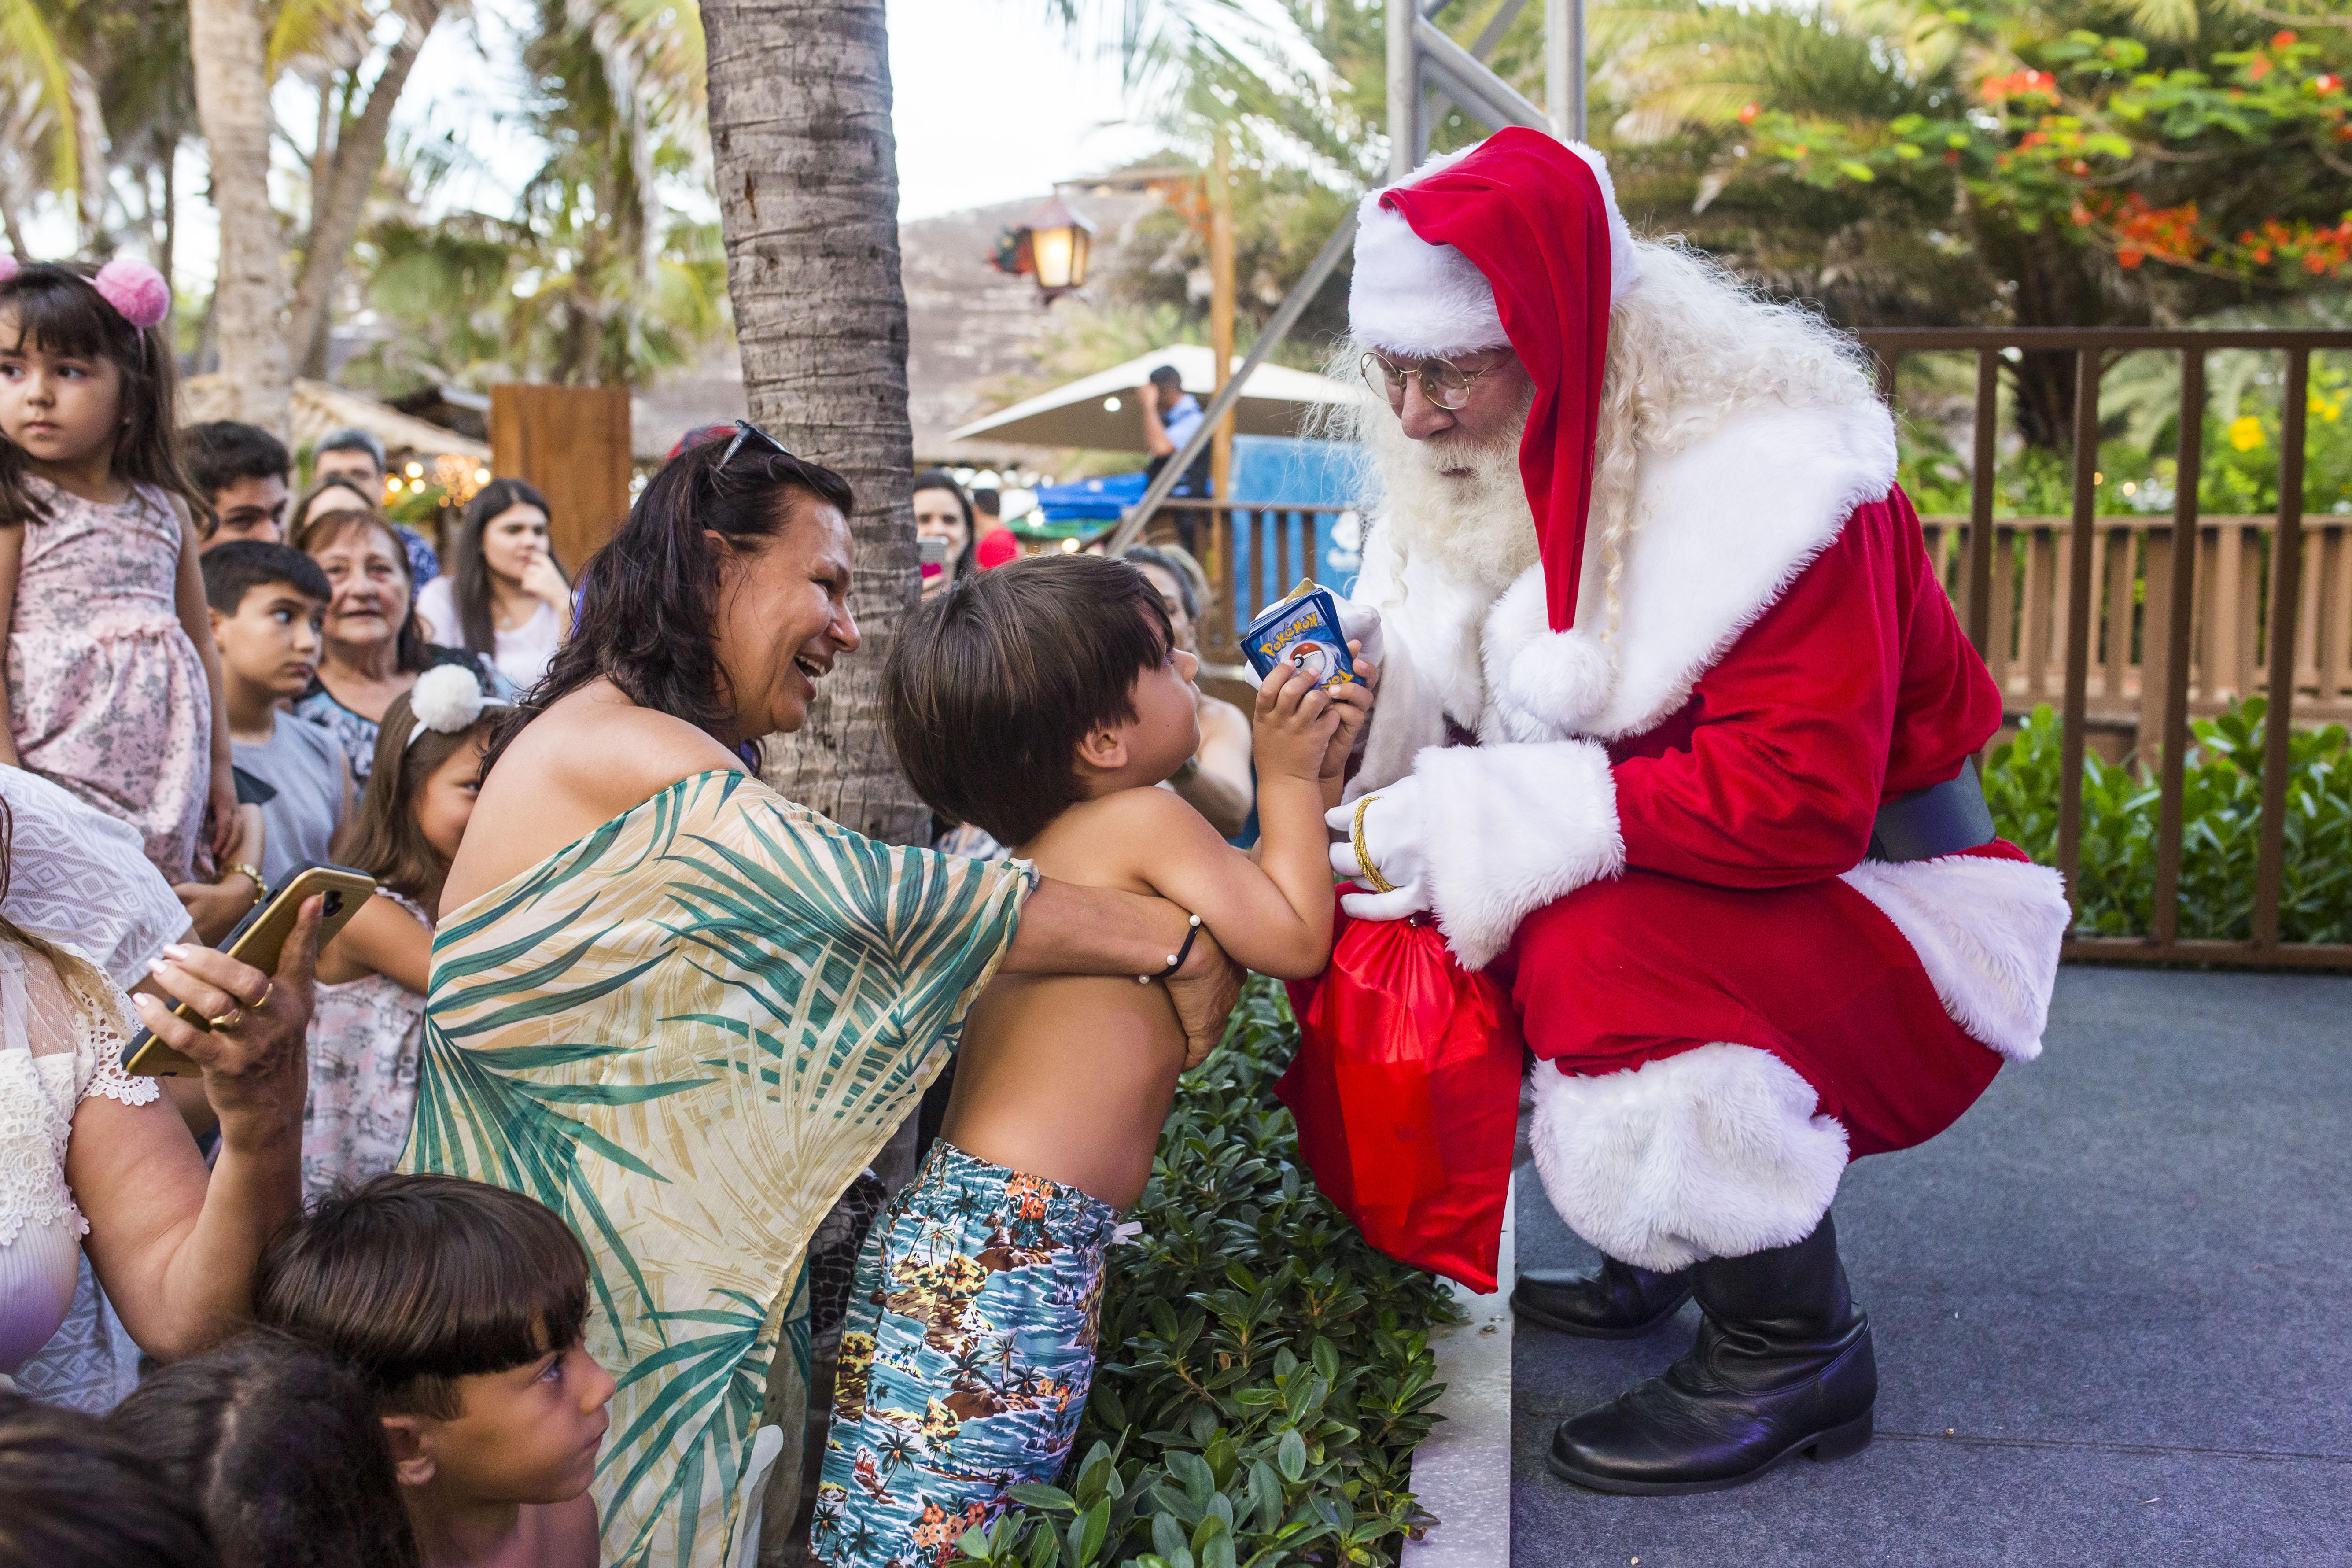 Beach Parque comandou final de semana animado com a chegada do Papai Noel